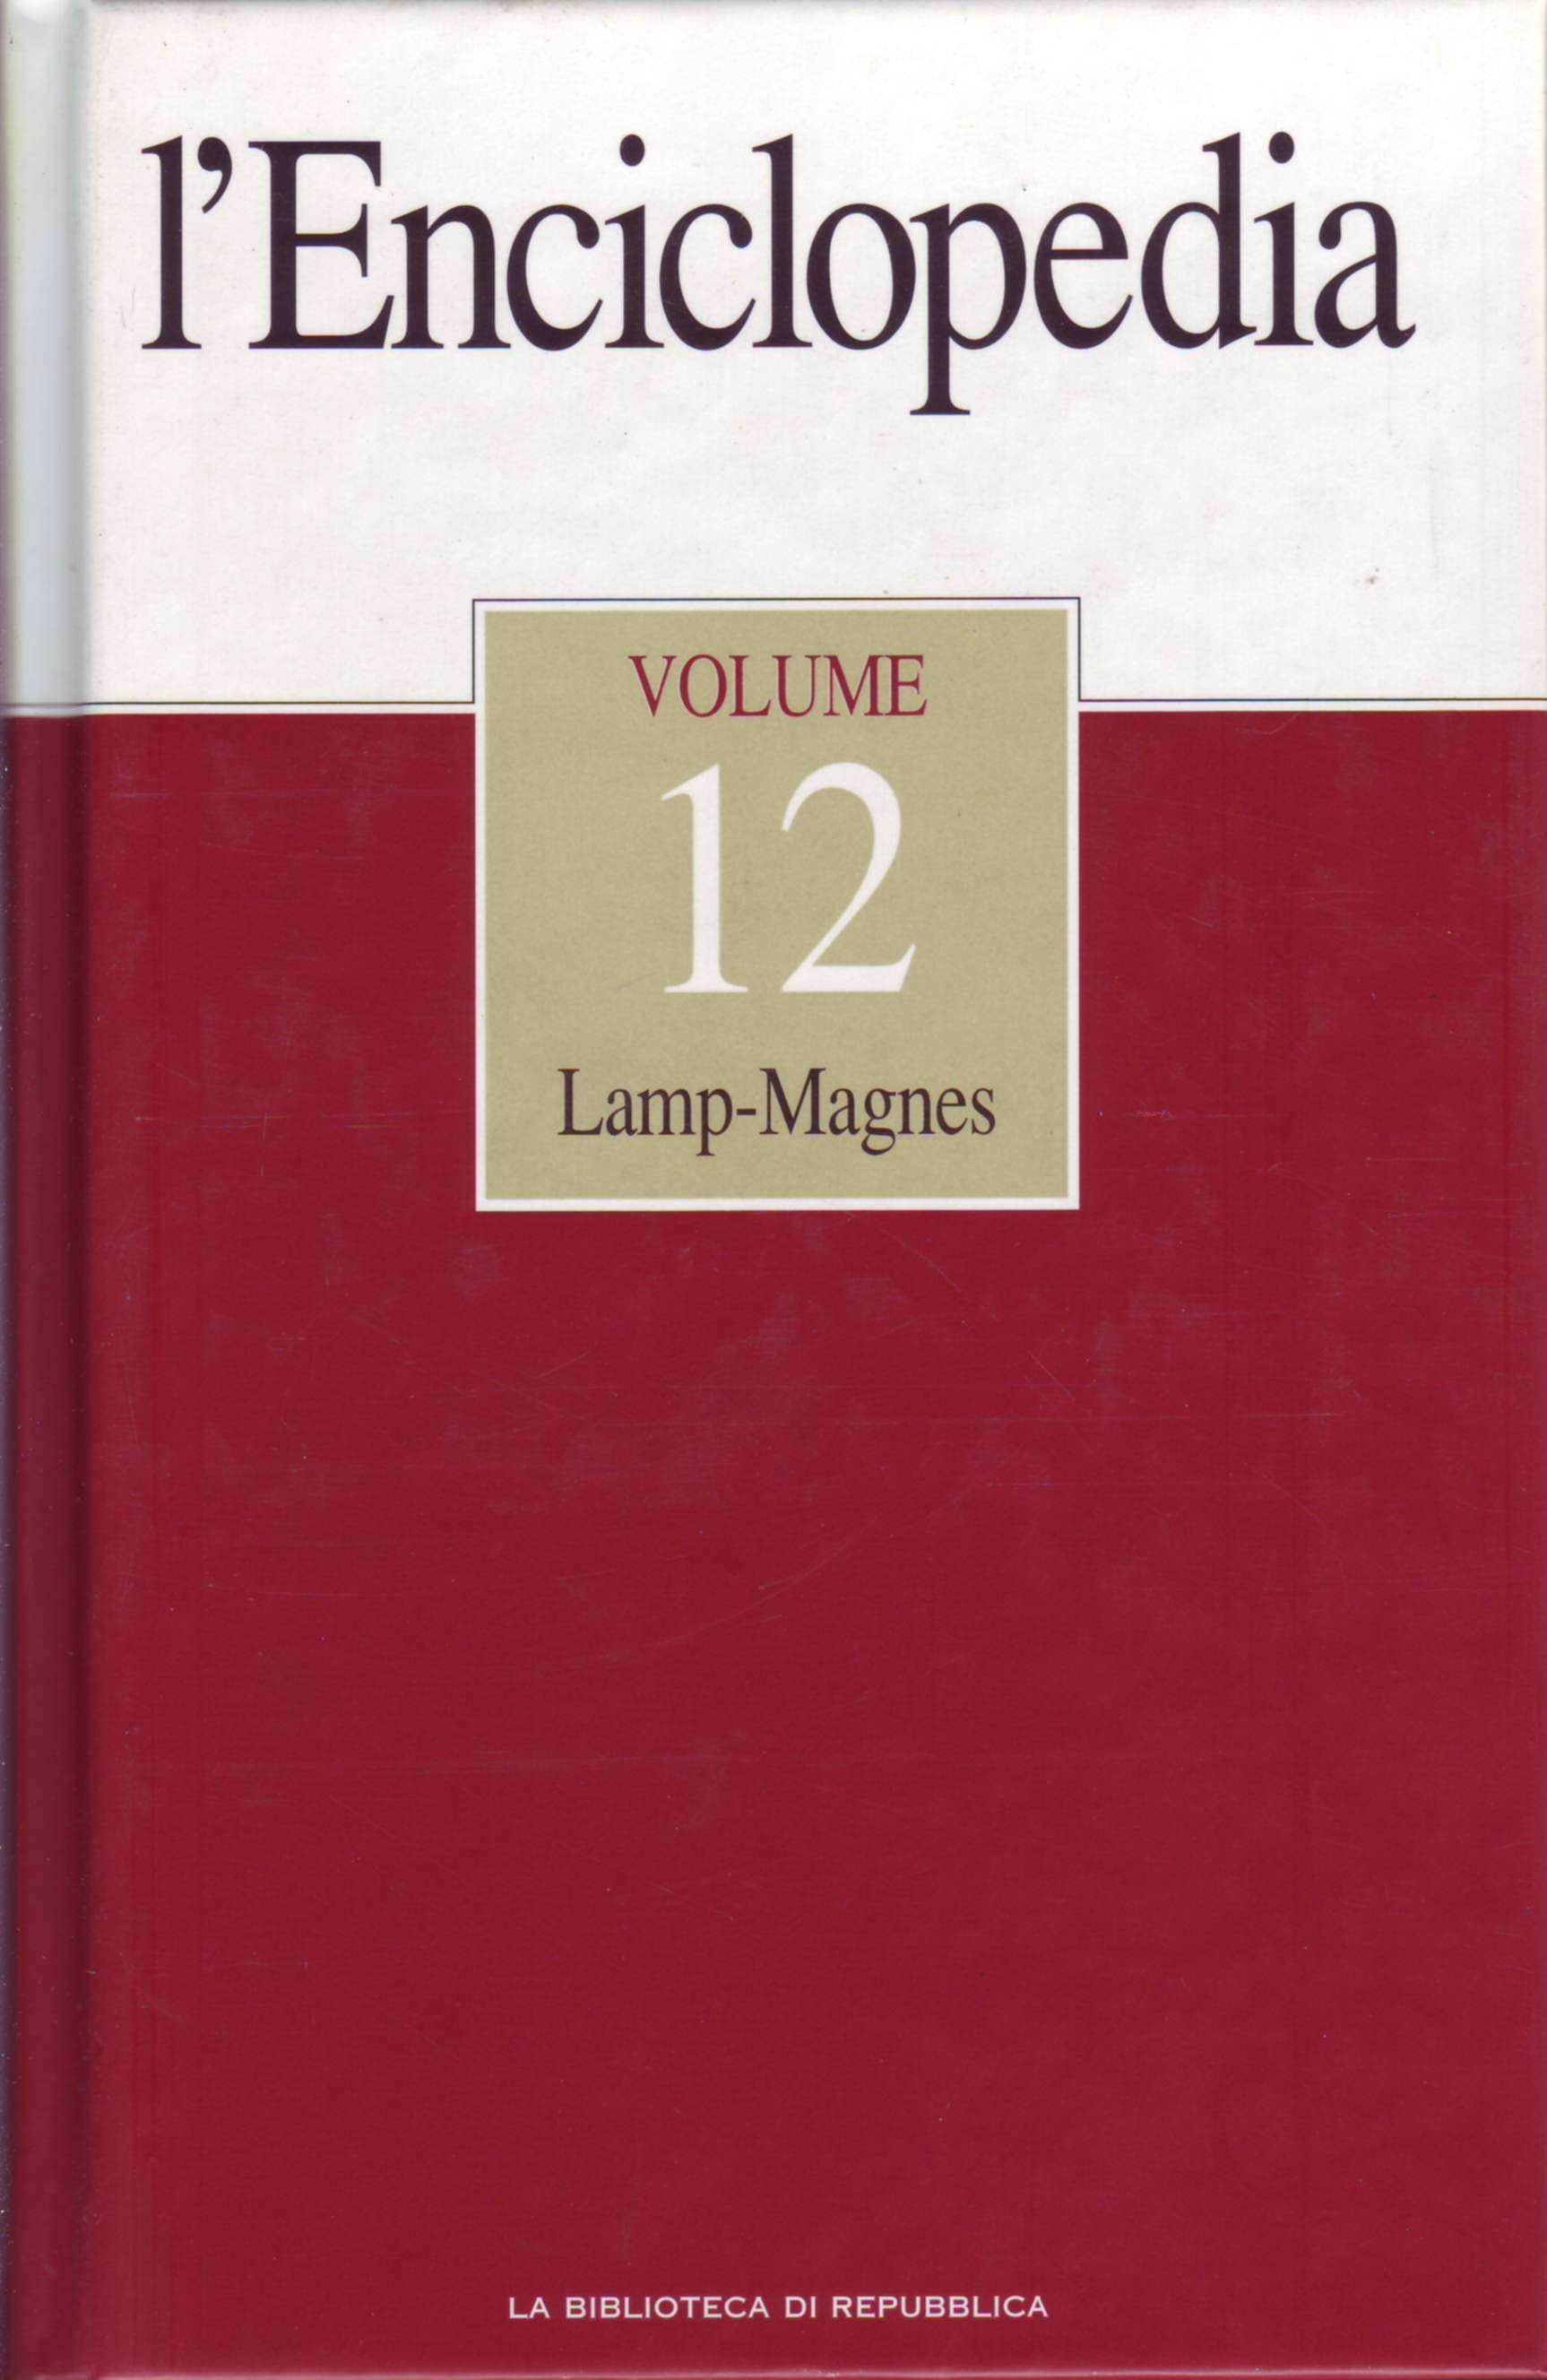 L'Enciclopedia - Vol. 12